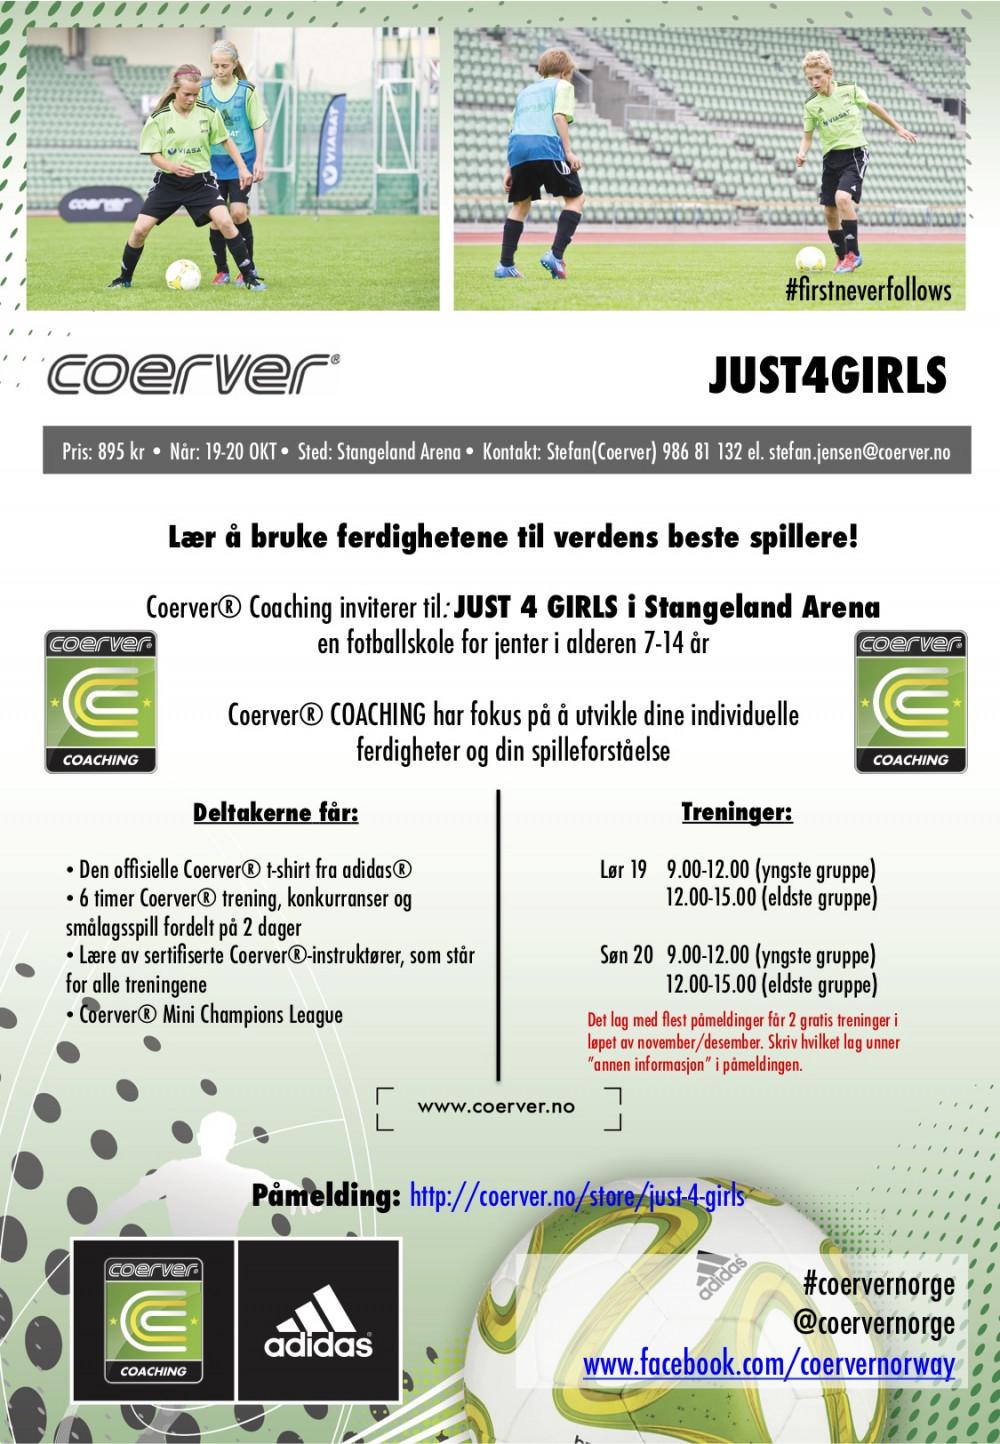 Coerver Just 4 Girls i Stangeland Arena 19-20 OKT